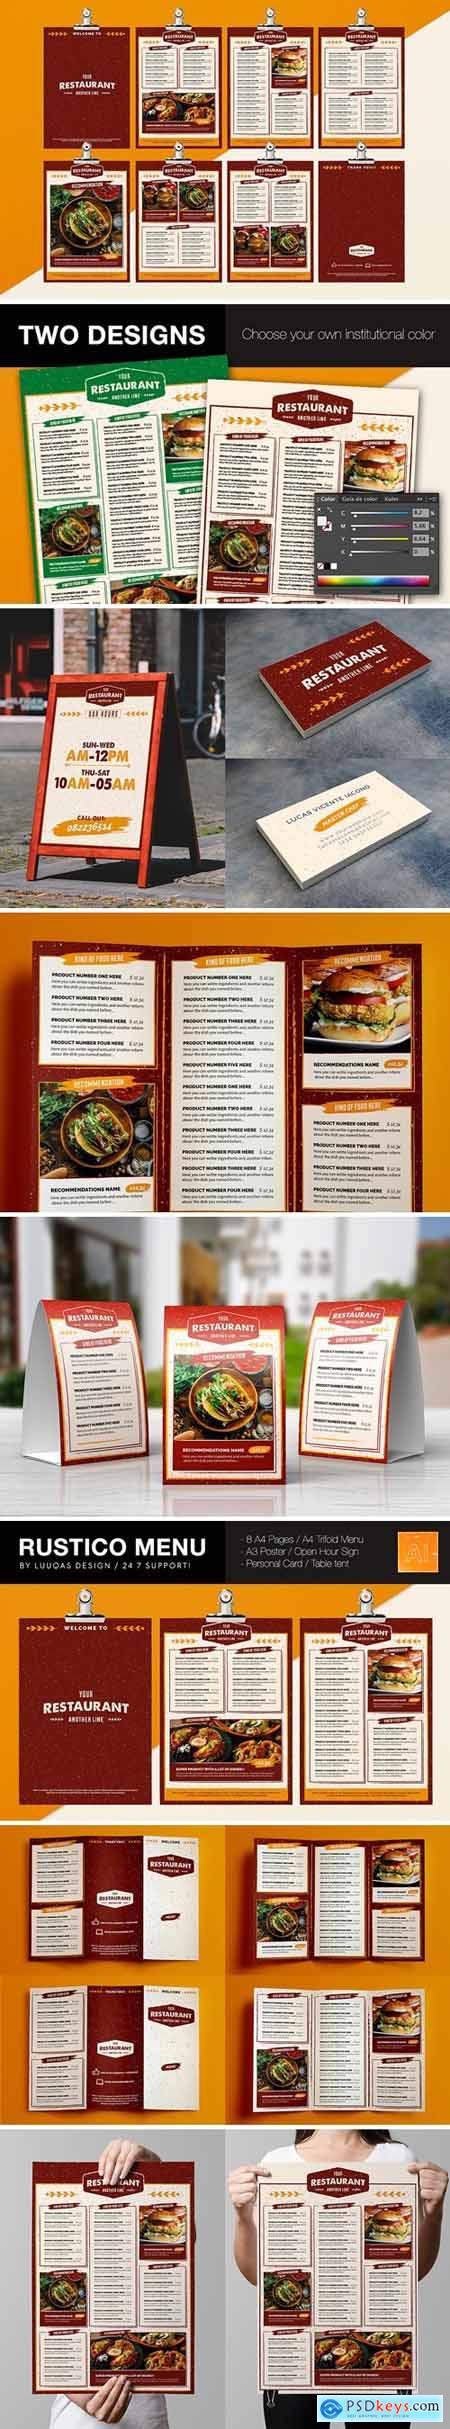 Rustic Food menu Illustrator Template